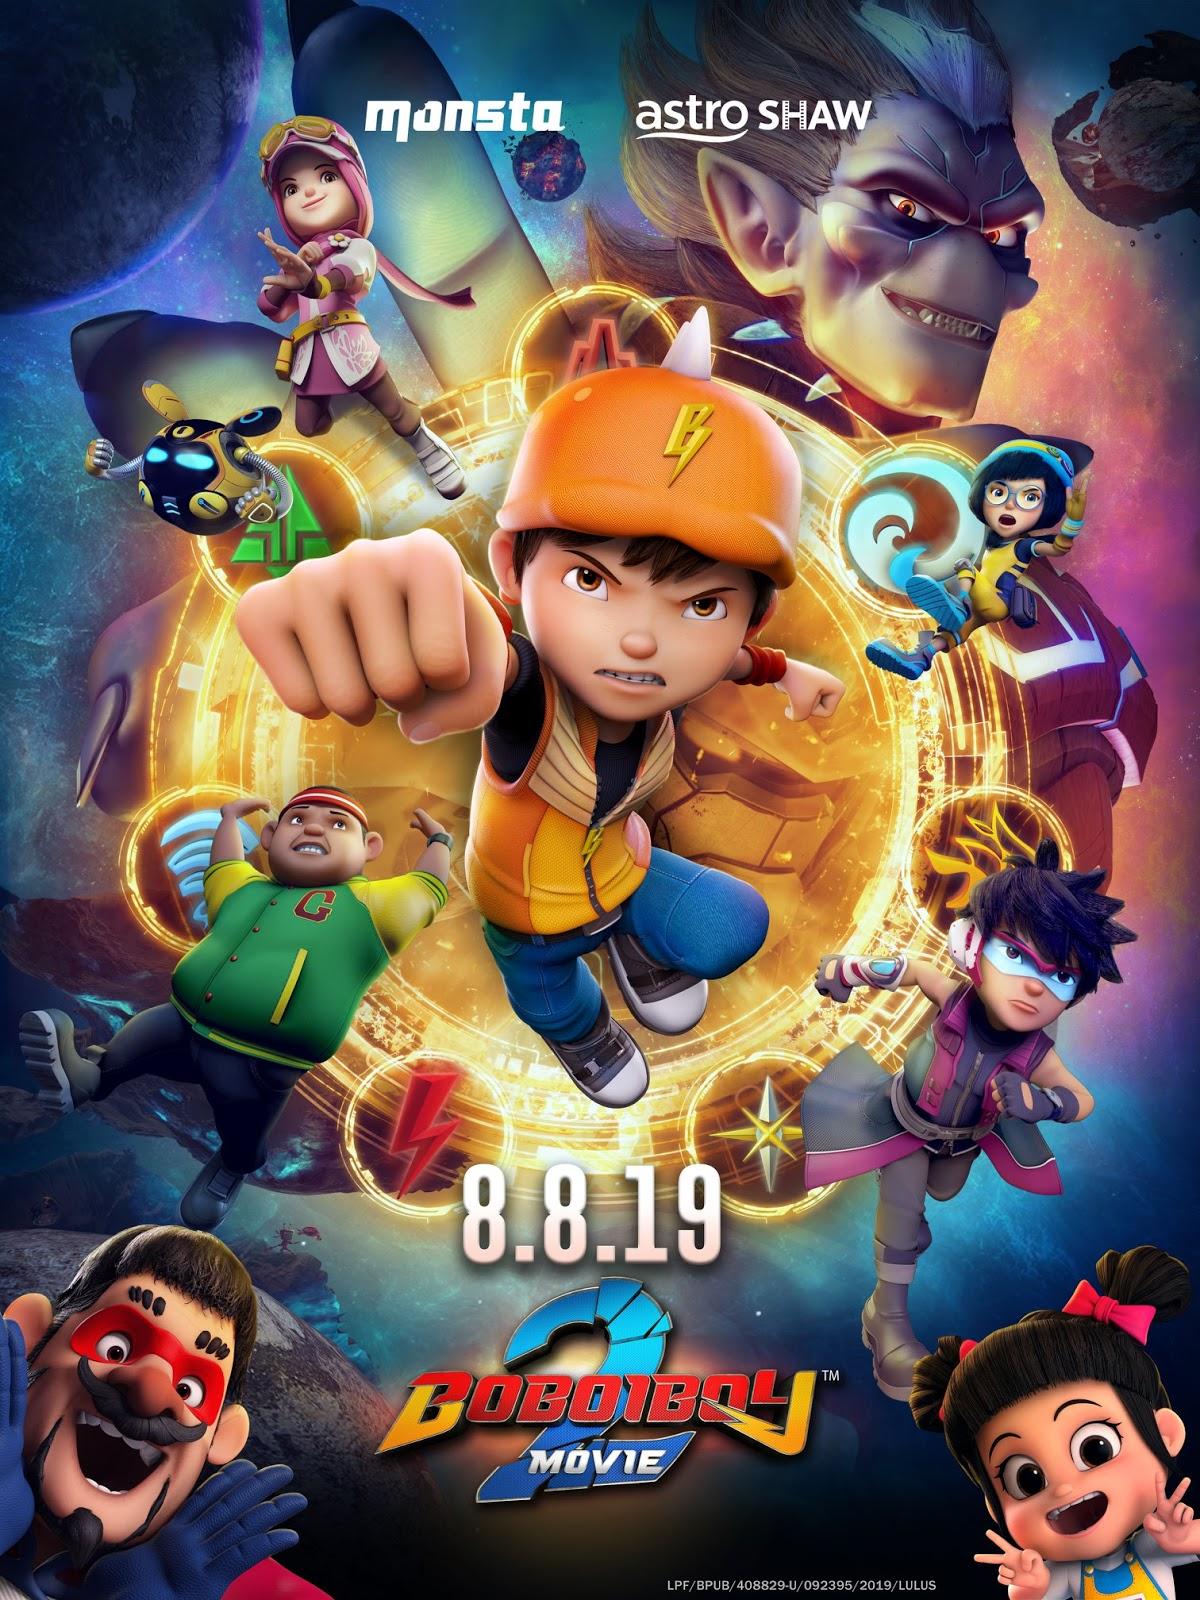 Boboiboy Movie 2 (2019) Full Movie